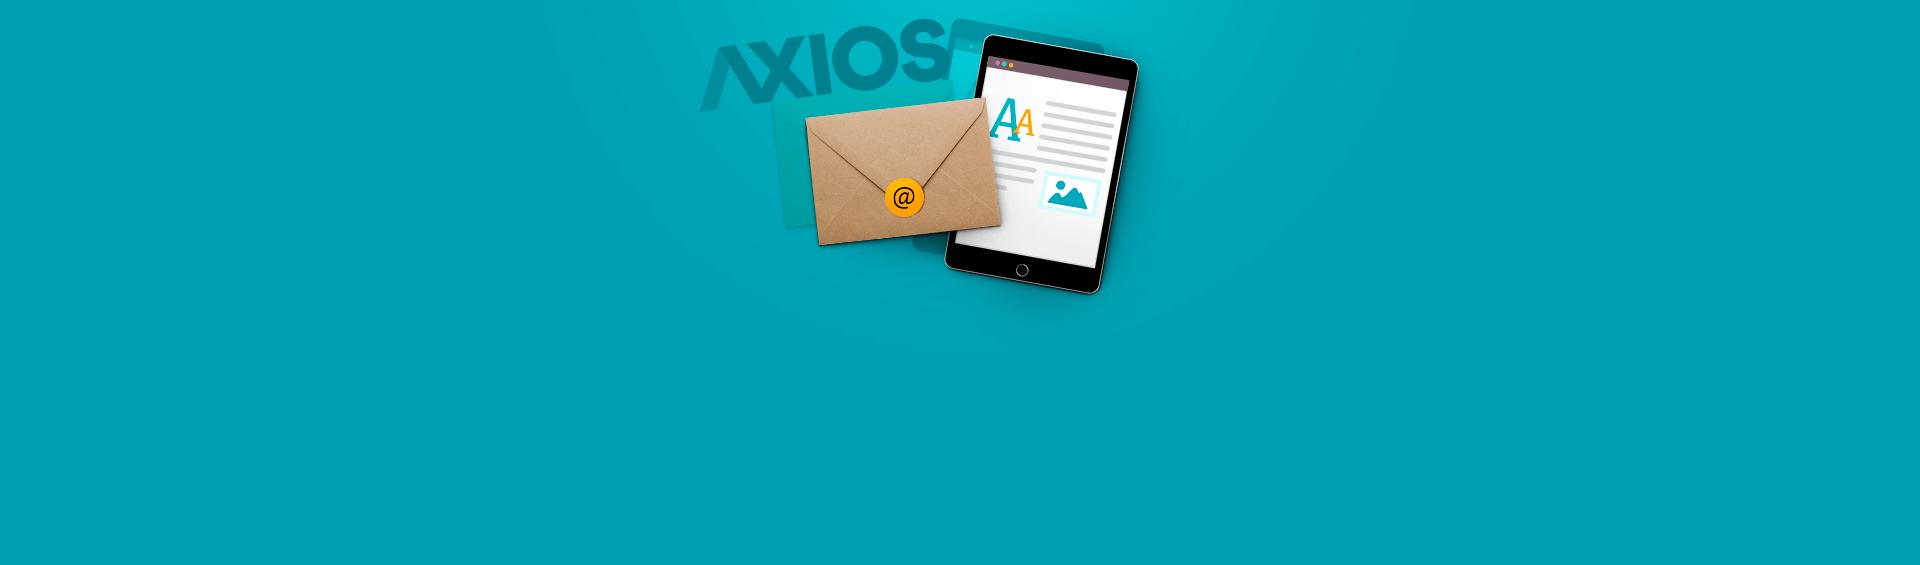 Феномен Axios. Какизemail-рассылки превратиться вмедиагиганта